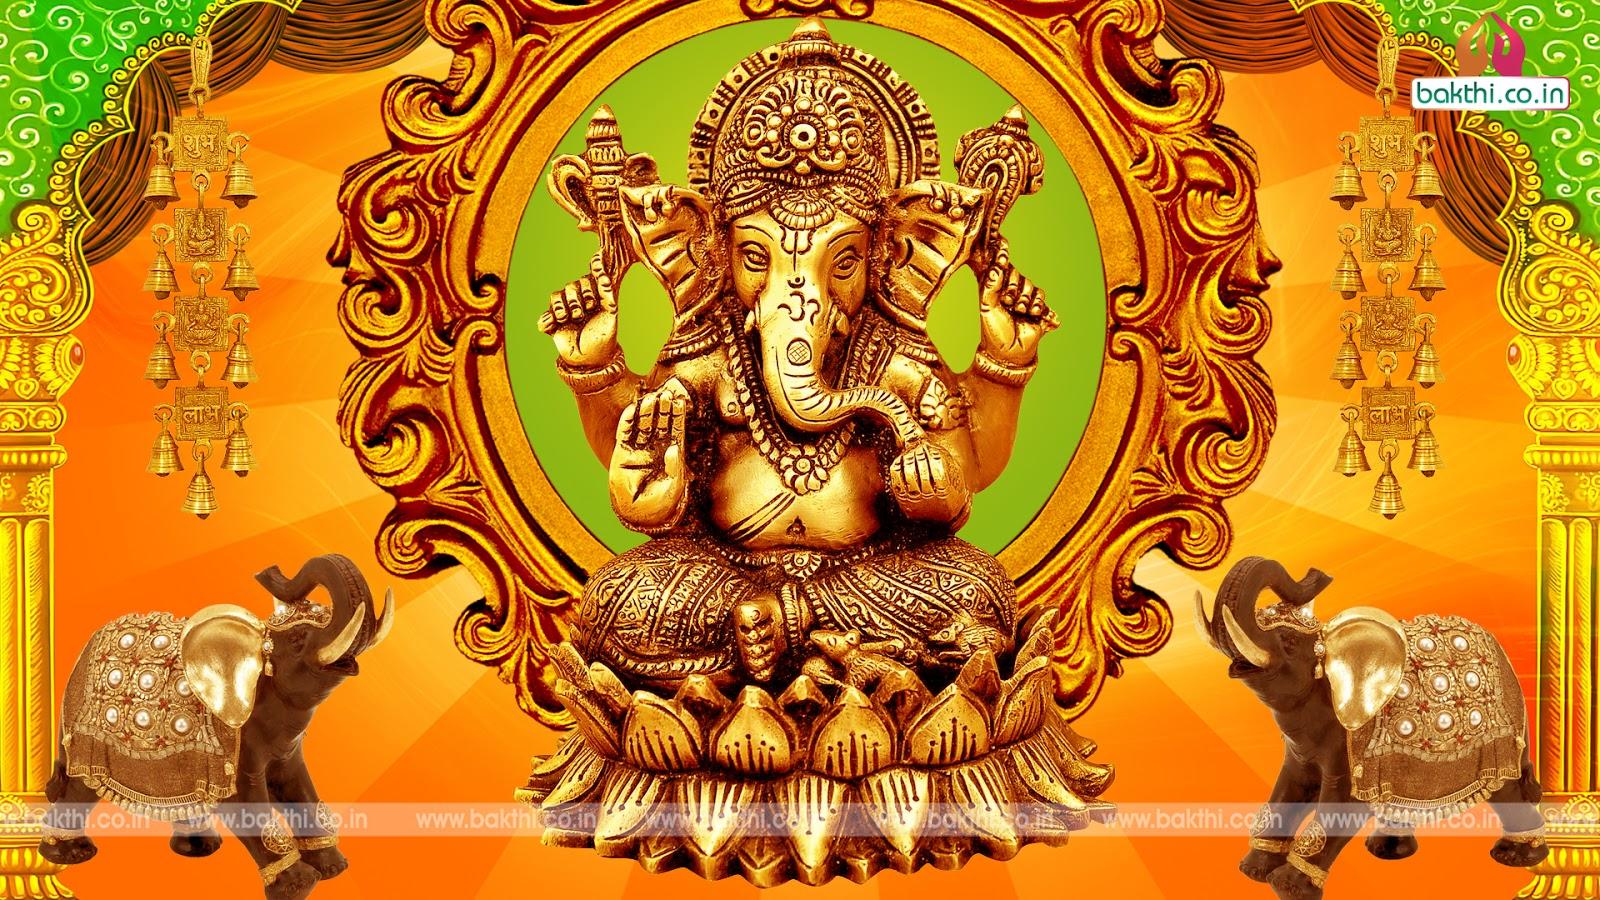 Hd wallpaper vinayagar - Vinayagar Animation Wallpaper